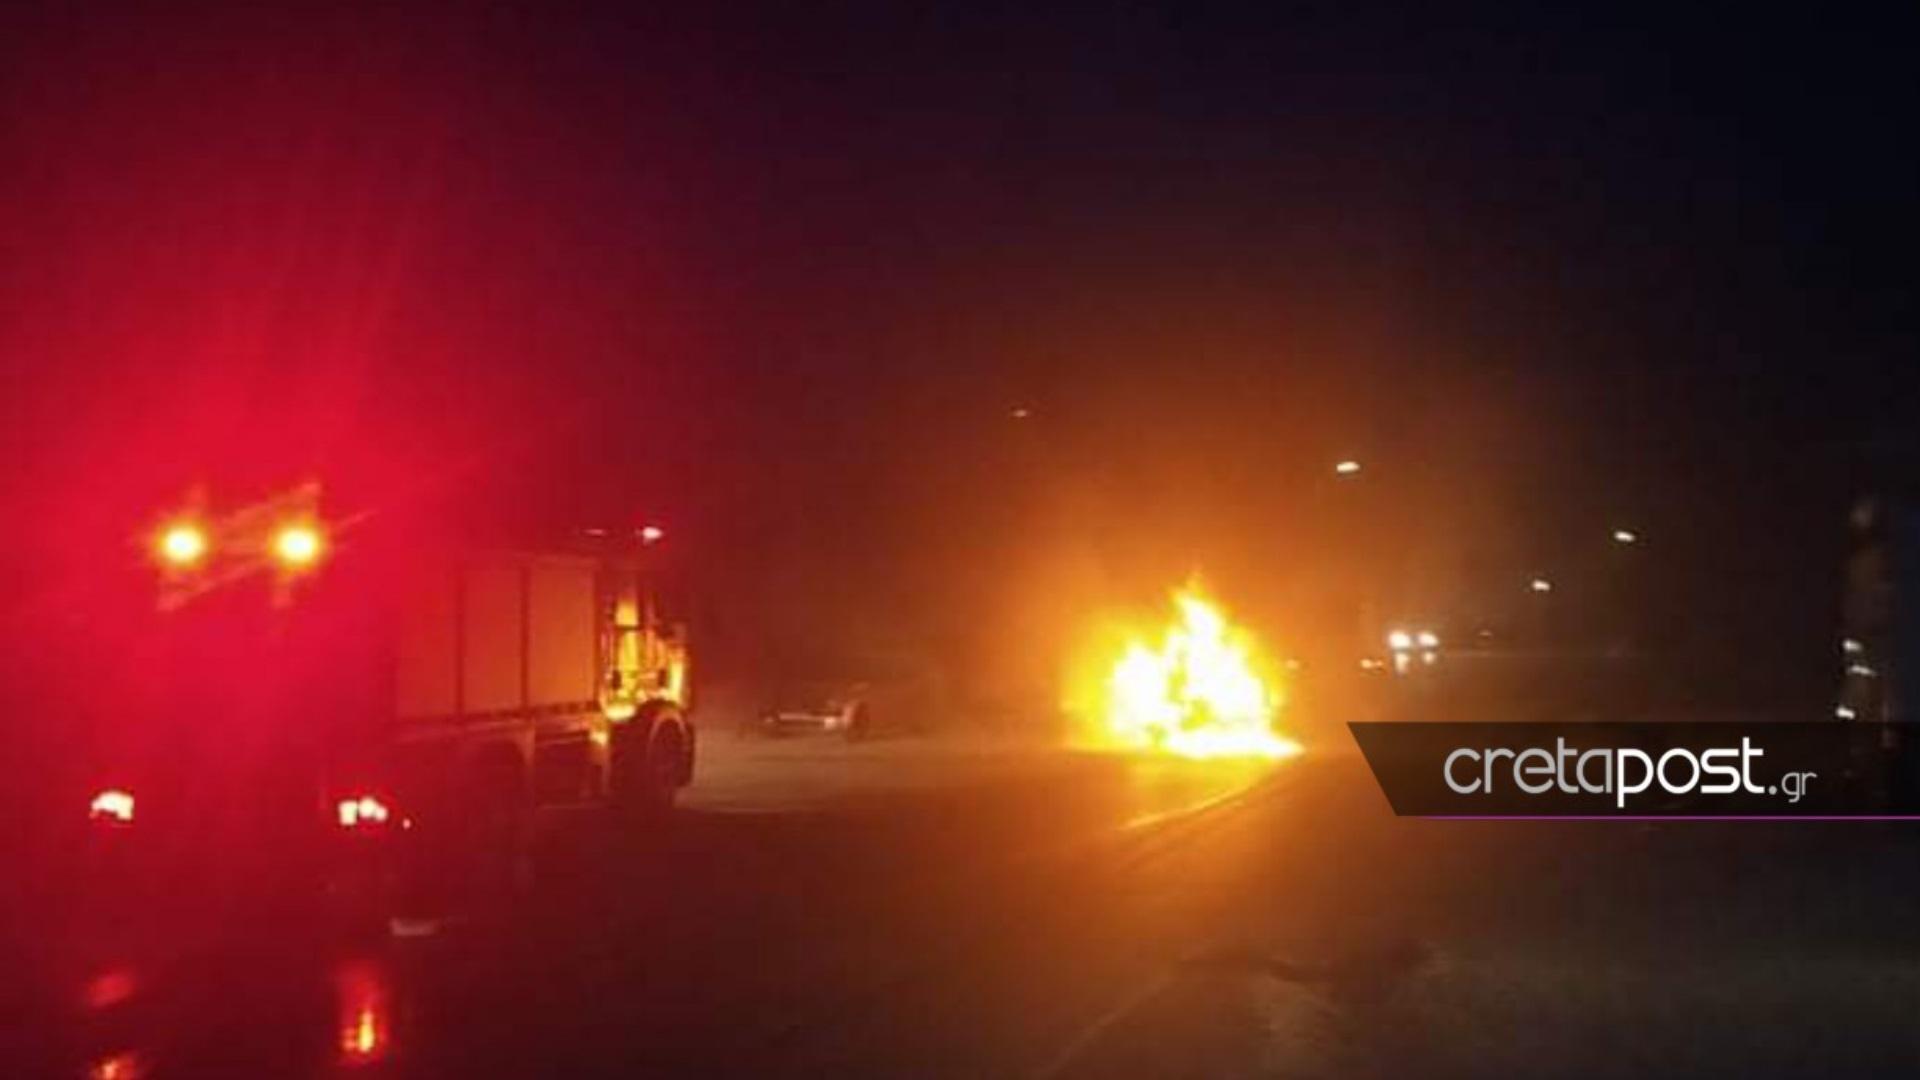 Τροχαίο στην Κρήτη: Αυτοκίνητο έπεσε σε τοίχο και τυλίχθηκε στις φλόγες